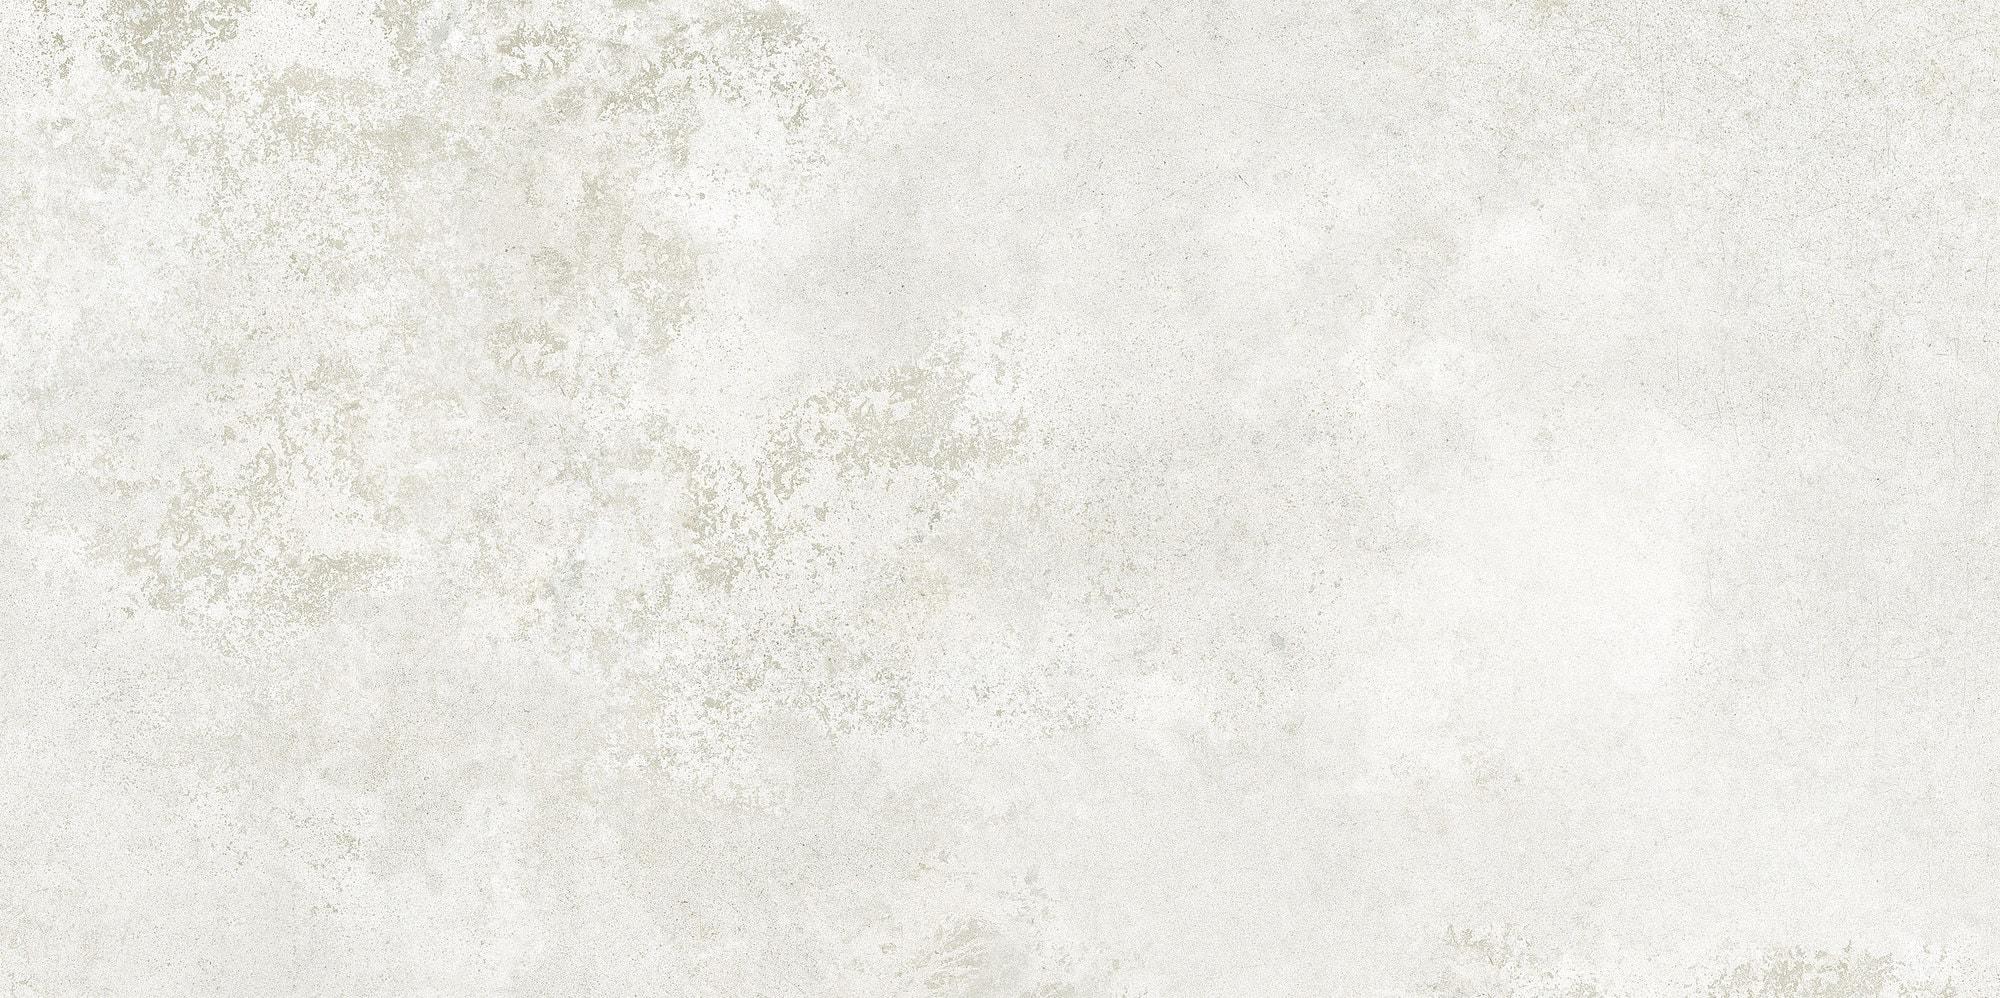 Płytka podłogowa Tubądzin Torano White Mat 119,8x59,8cm tubTorWhiMat1198x598